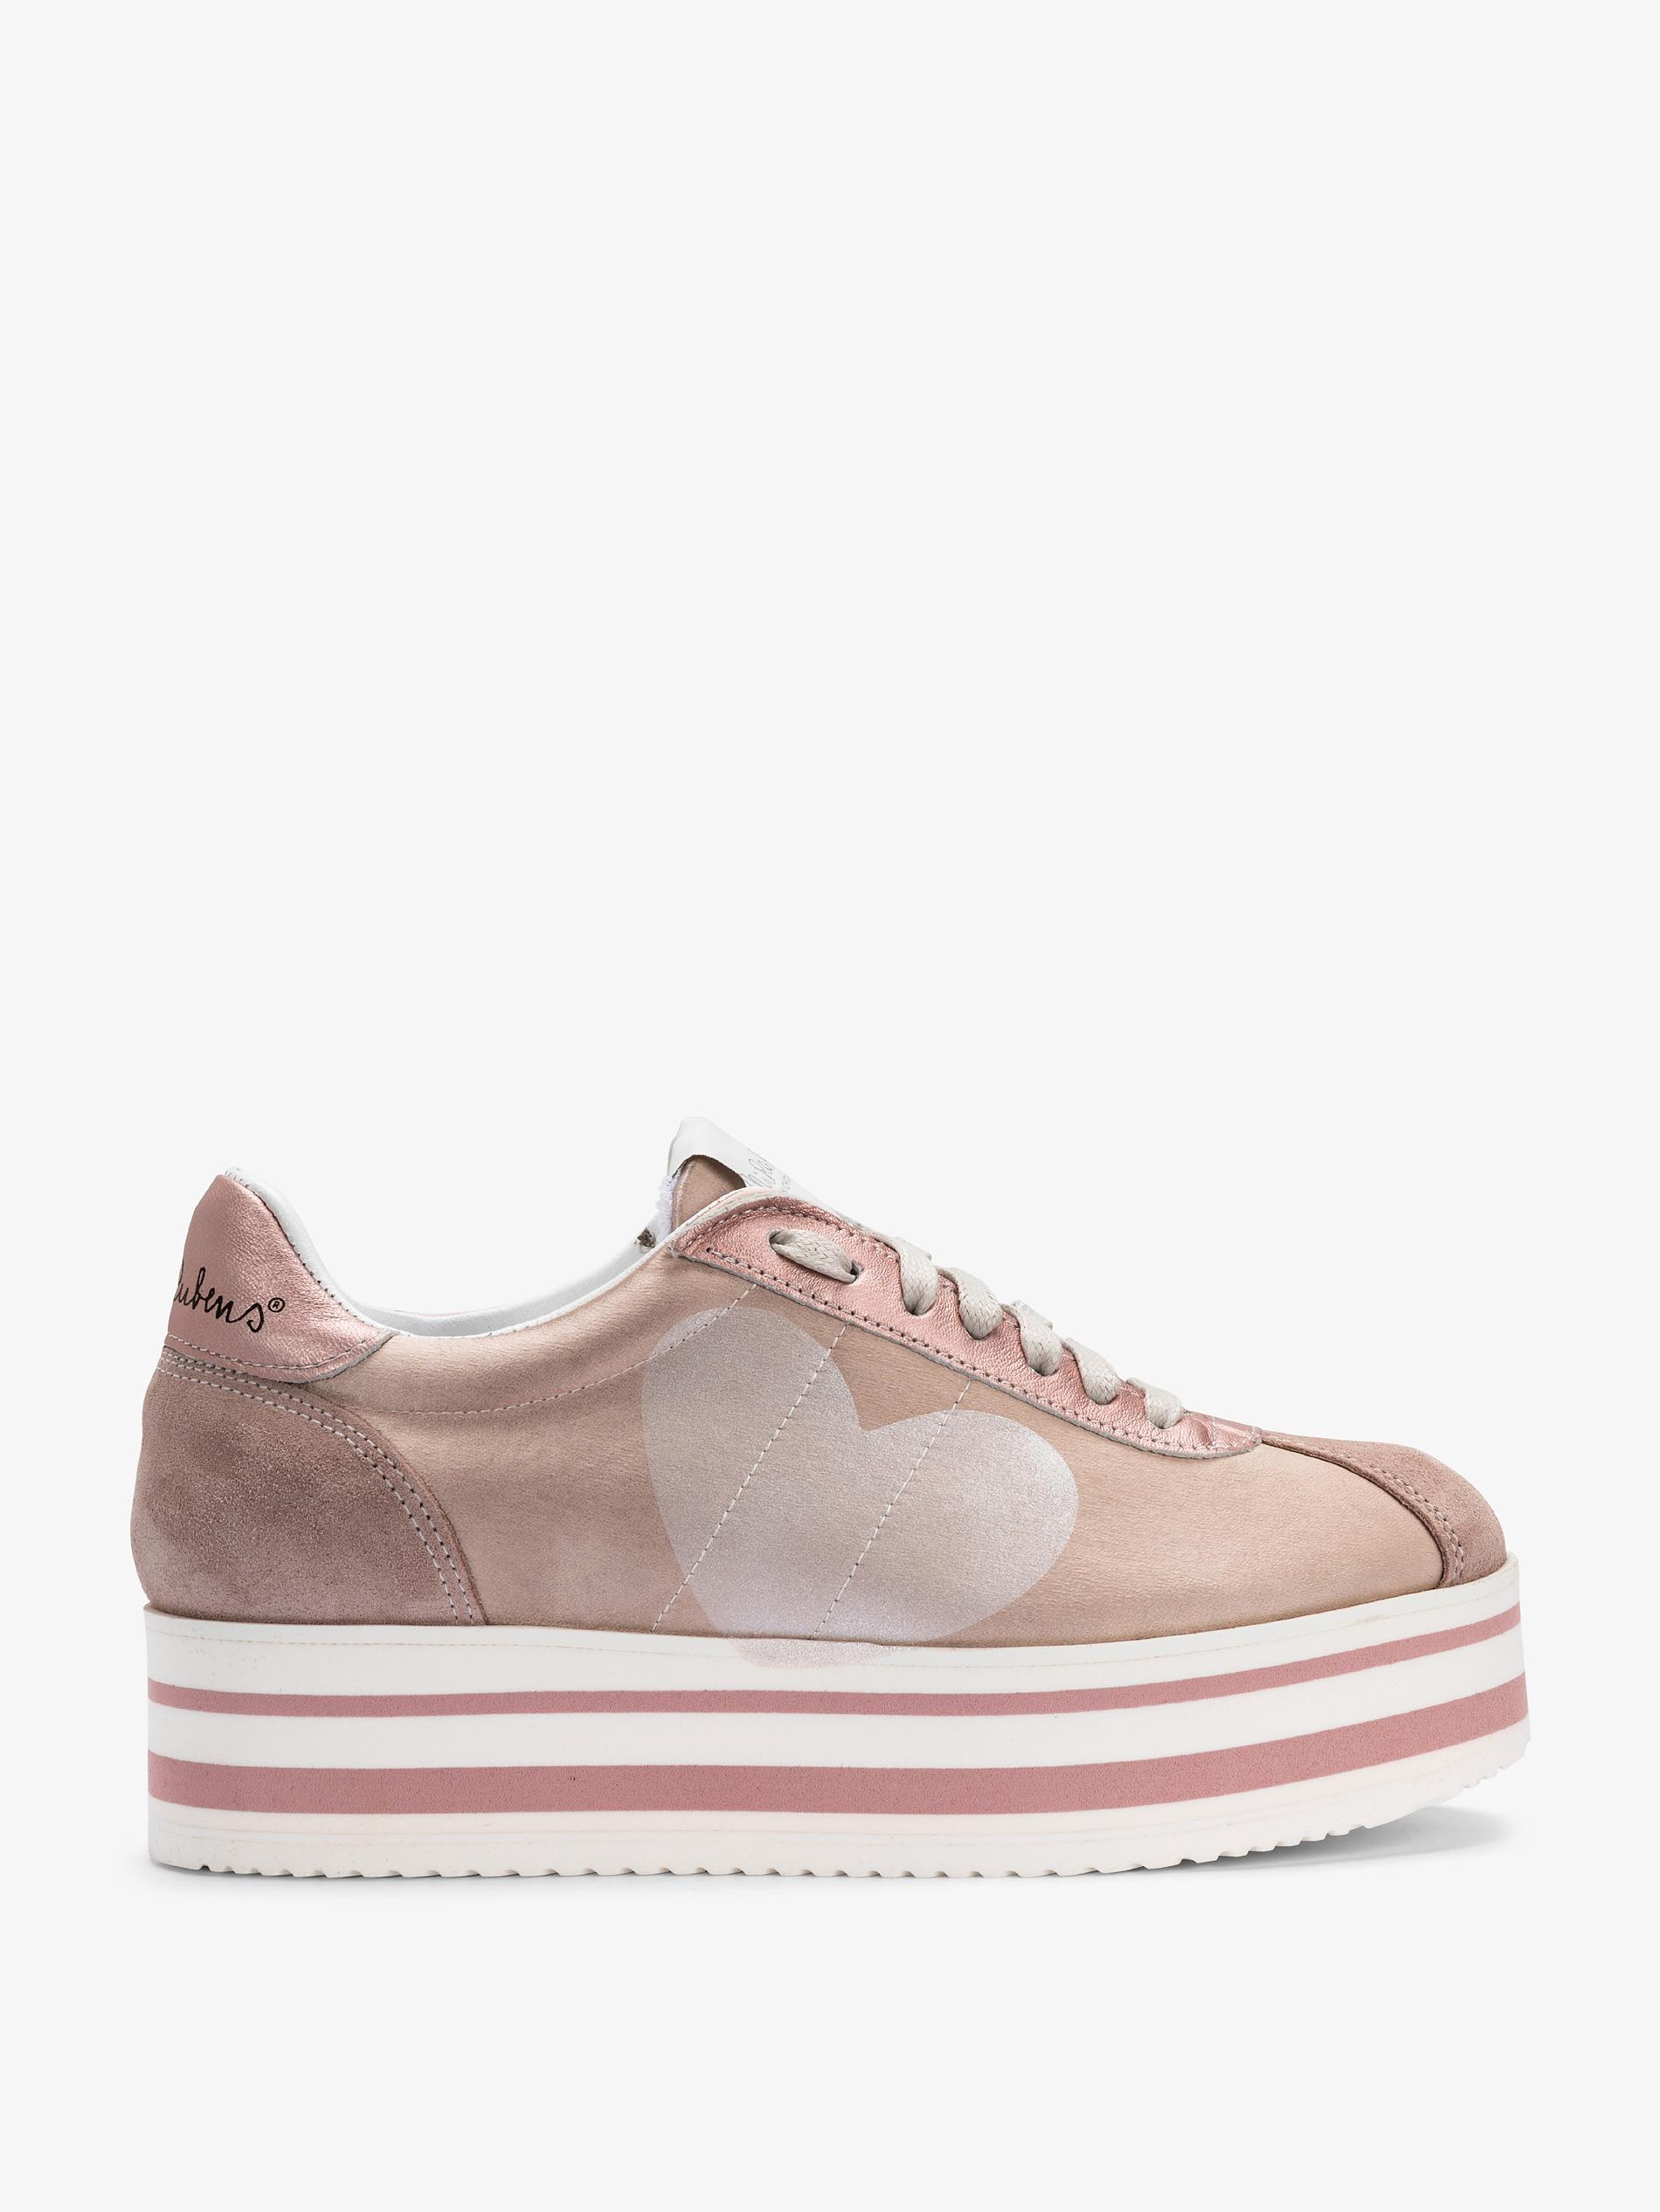 competitive price 06266 d1c18 Sneakers con zeppa - Crea il tuo look streetstyle anni 90!